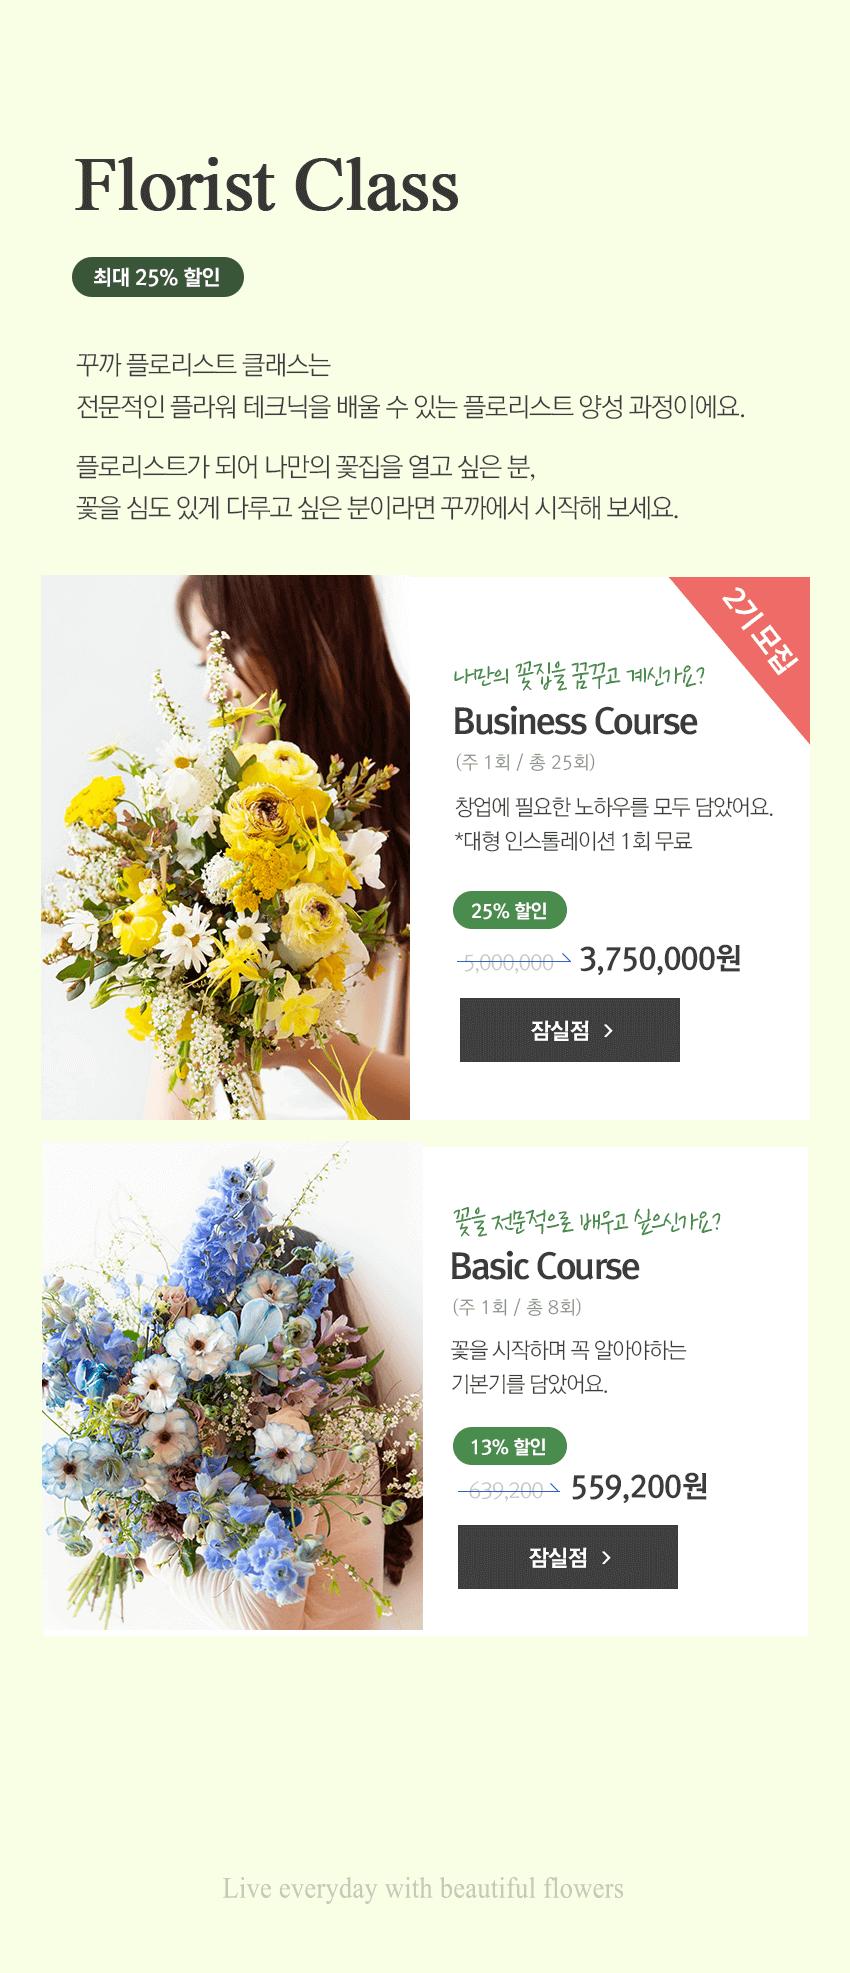 Florist Class